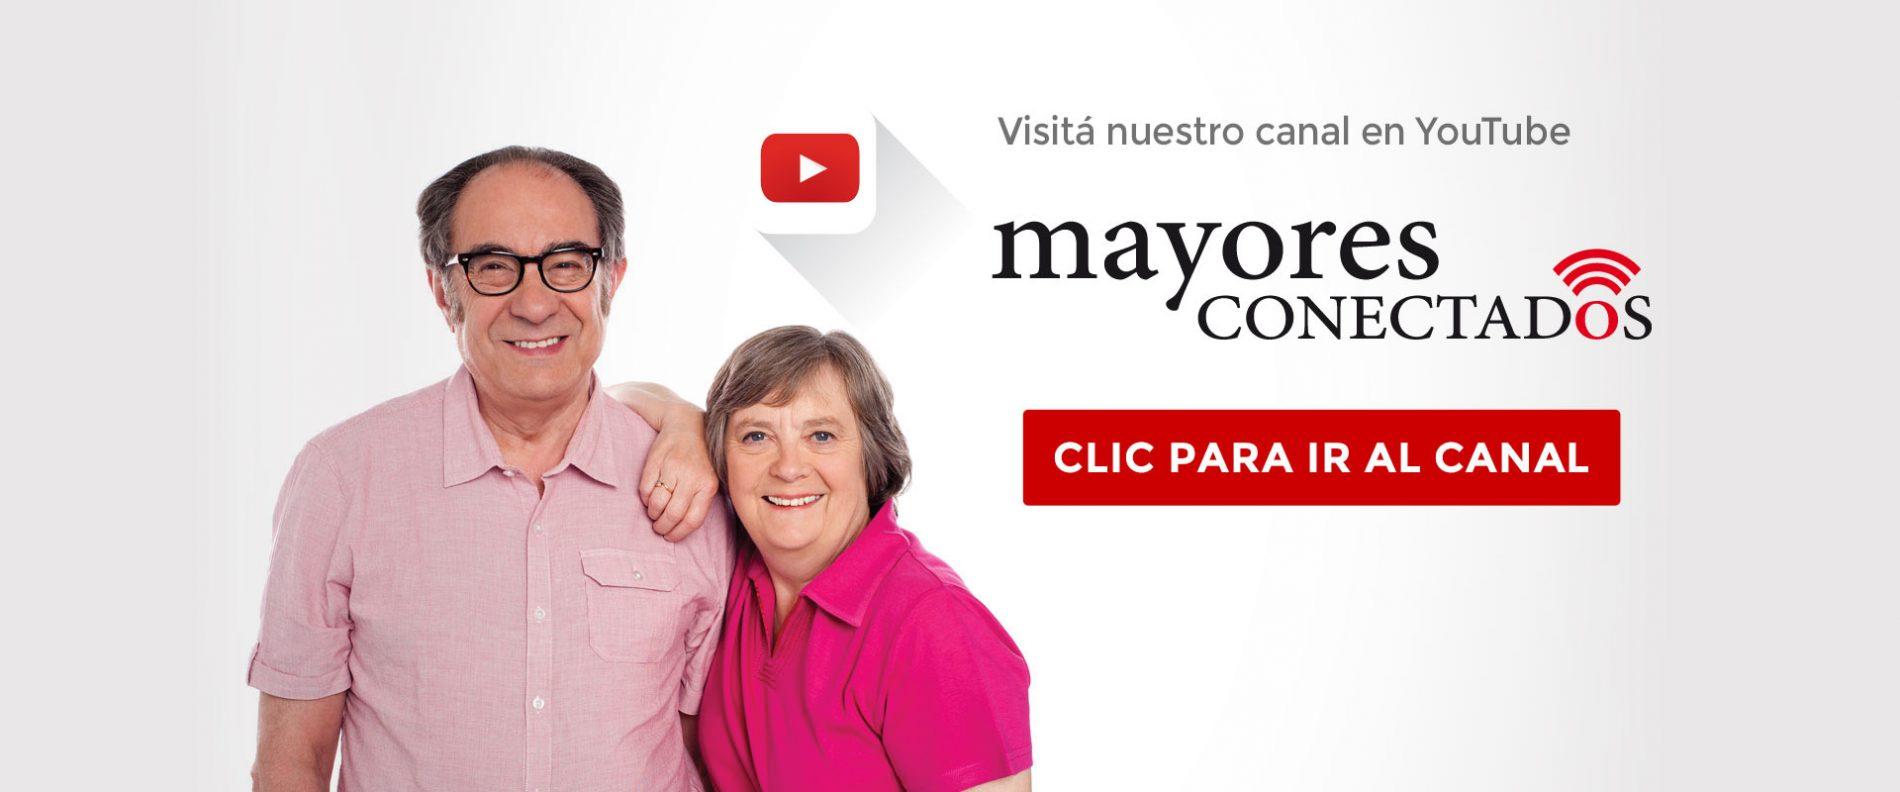 Canal de YouTube Mayores Conectados